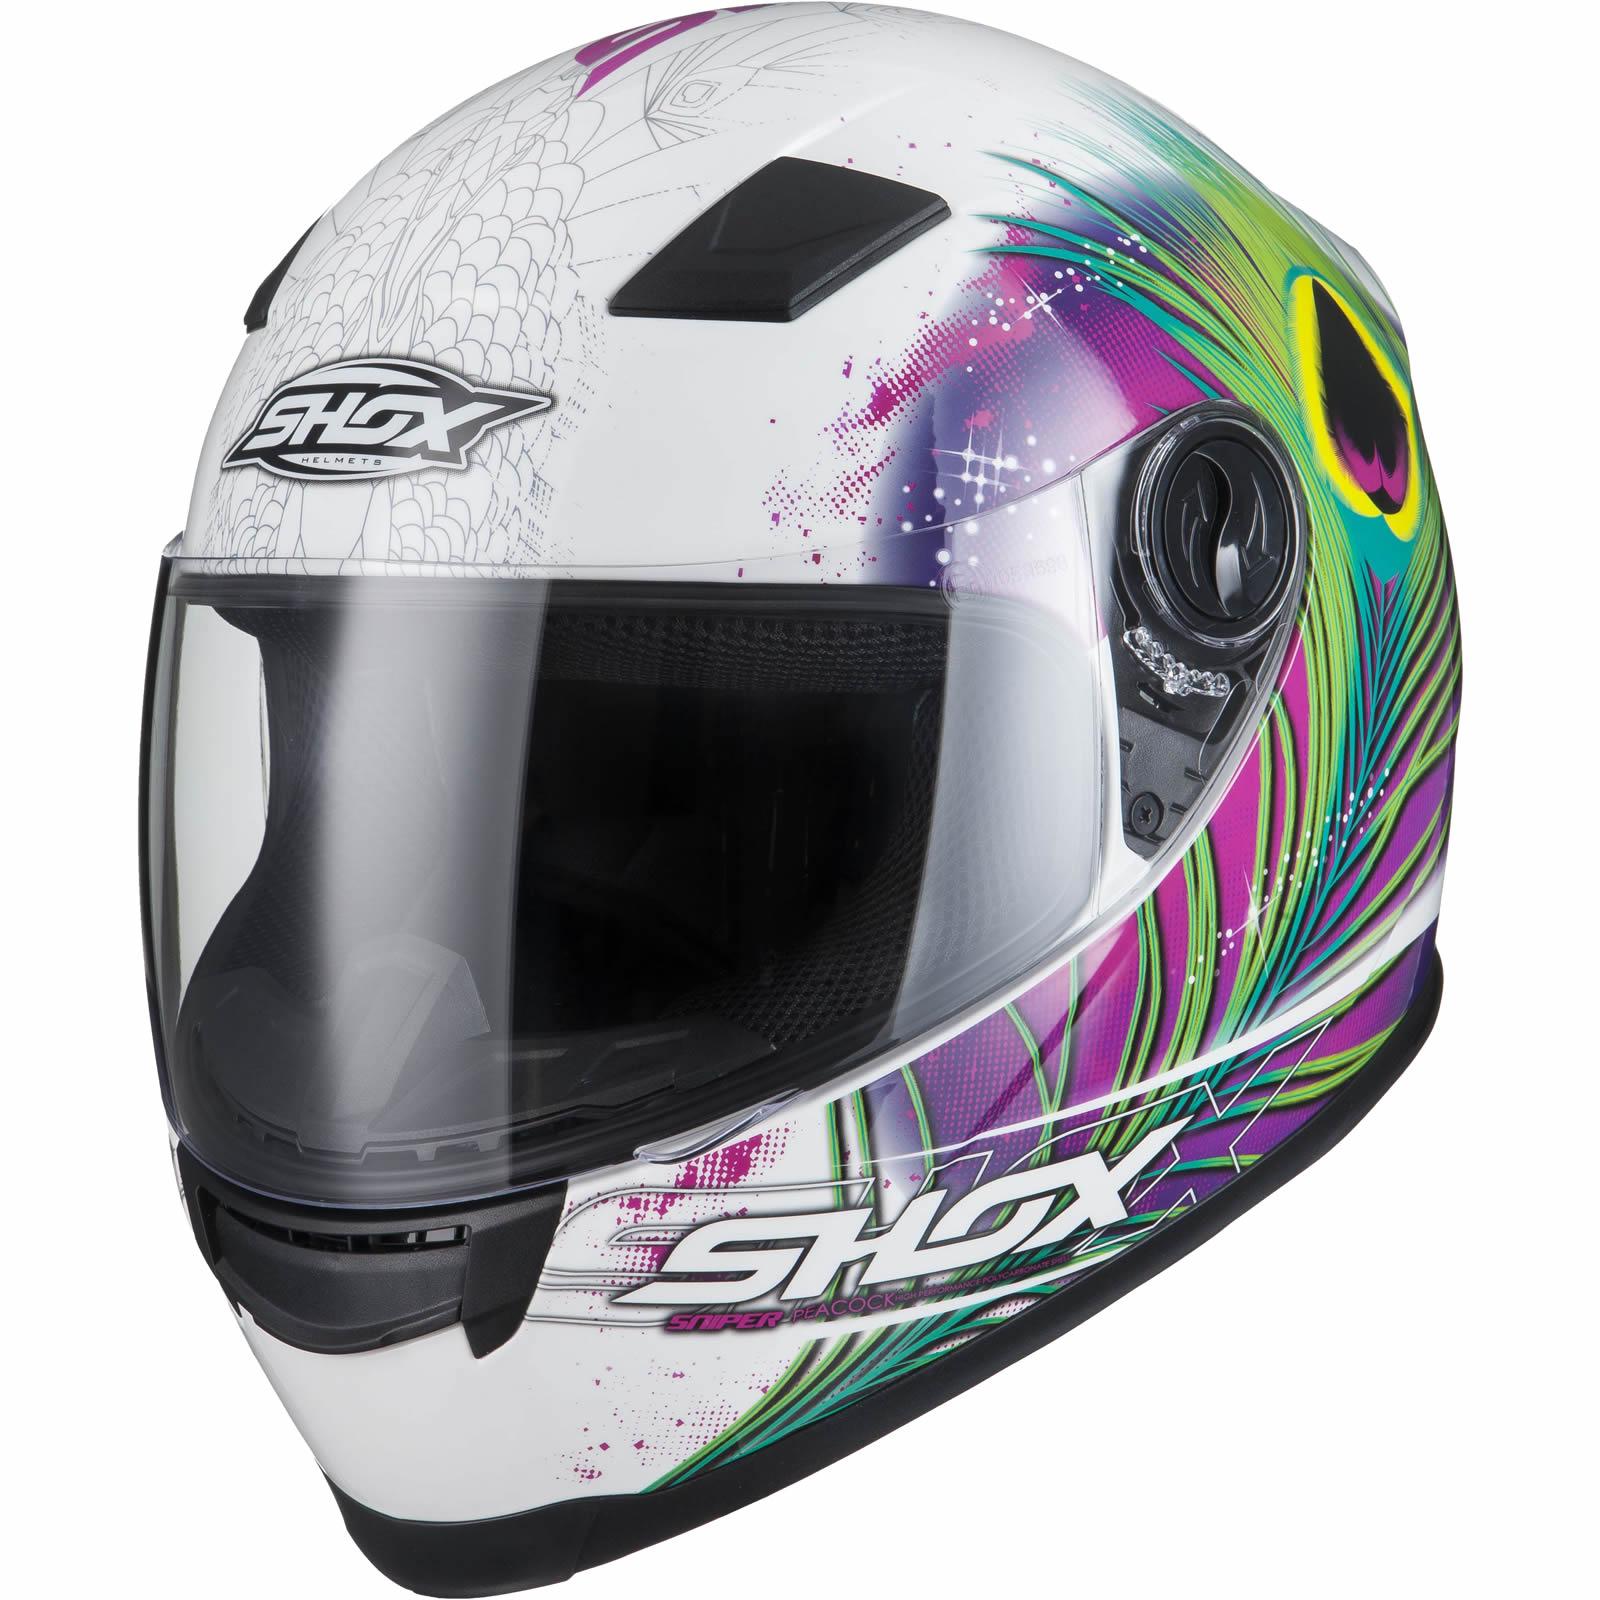 Ladies Motorcycle Helmets Ebay